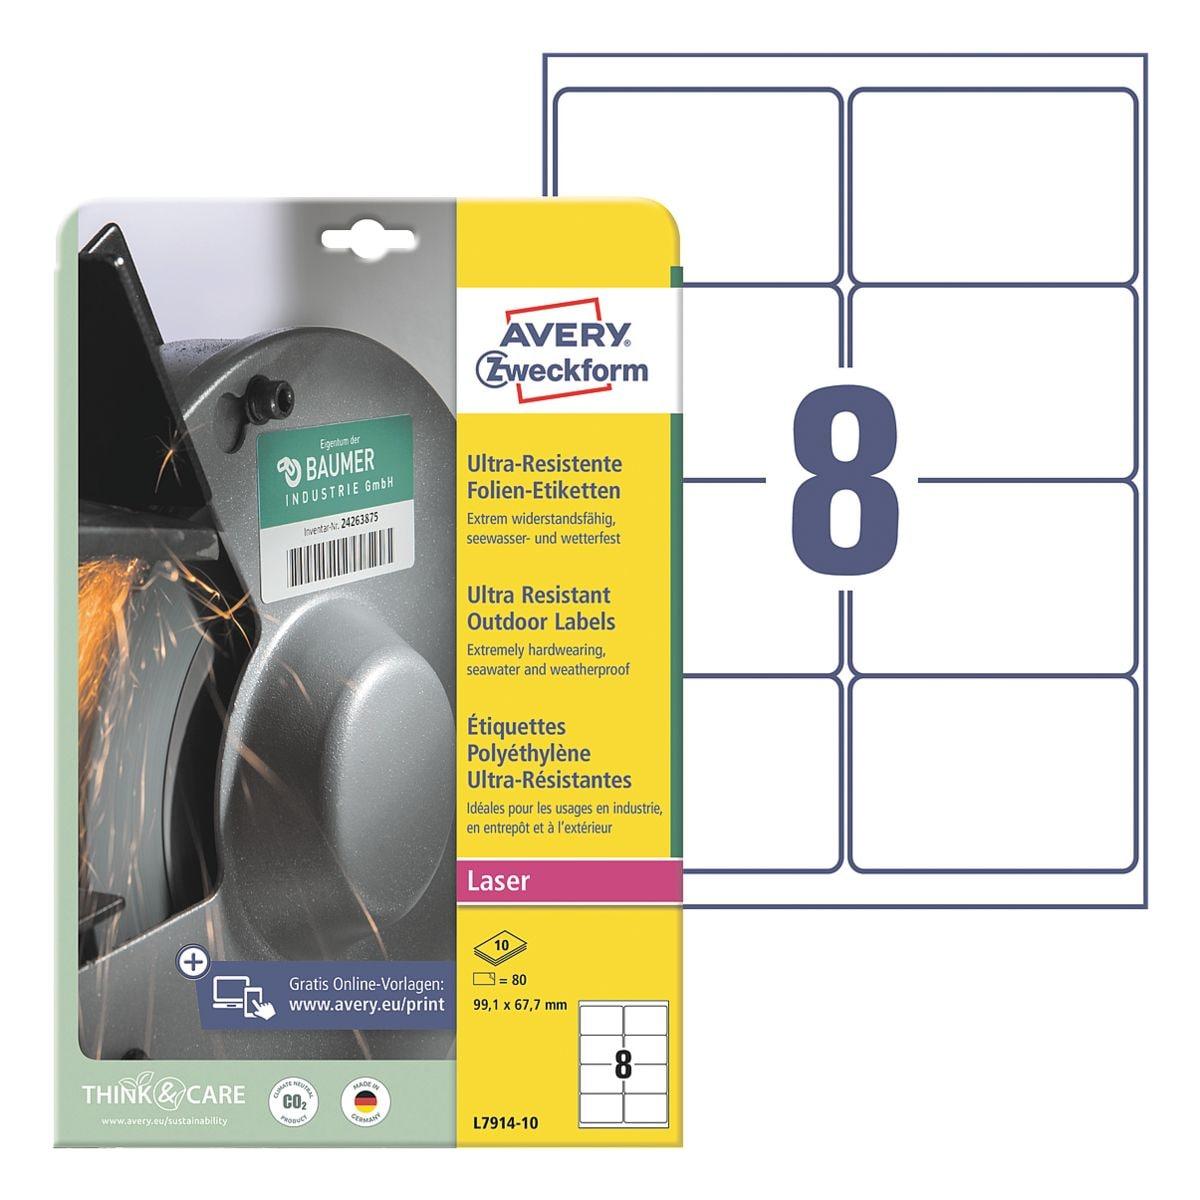 Avery Zweckform Ultra-Resistente 99,1x67,7 mm Folien-Etiketten L7914-10